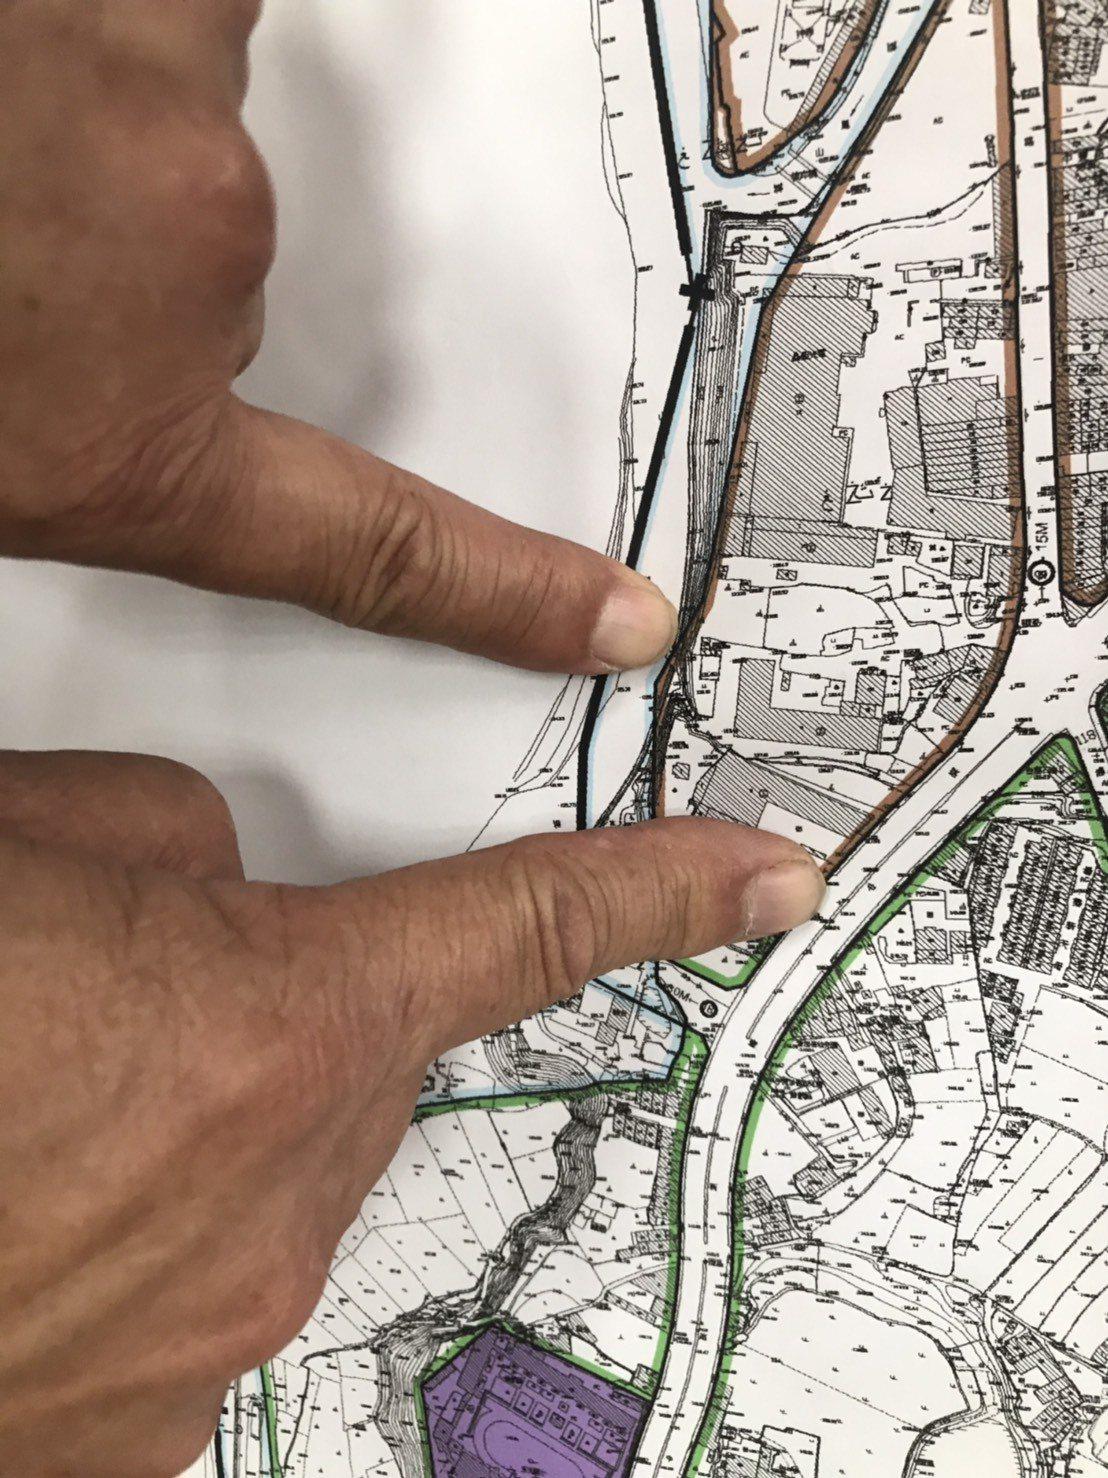 手指下方的地方是場址,上方是關西鎮的取水口,兩地相差不到300公尺。記者郭政芬/...